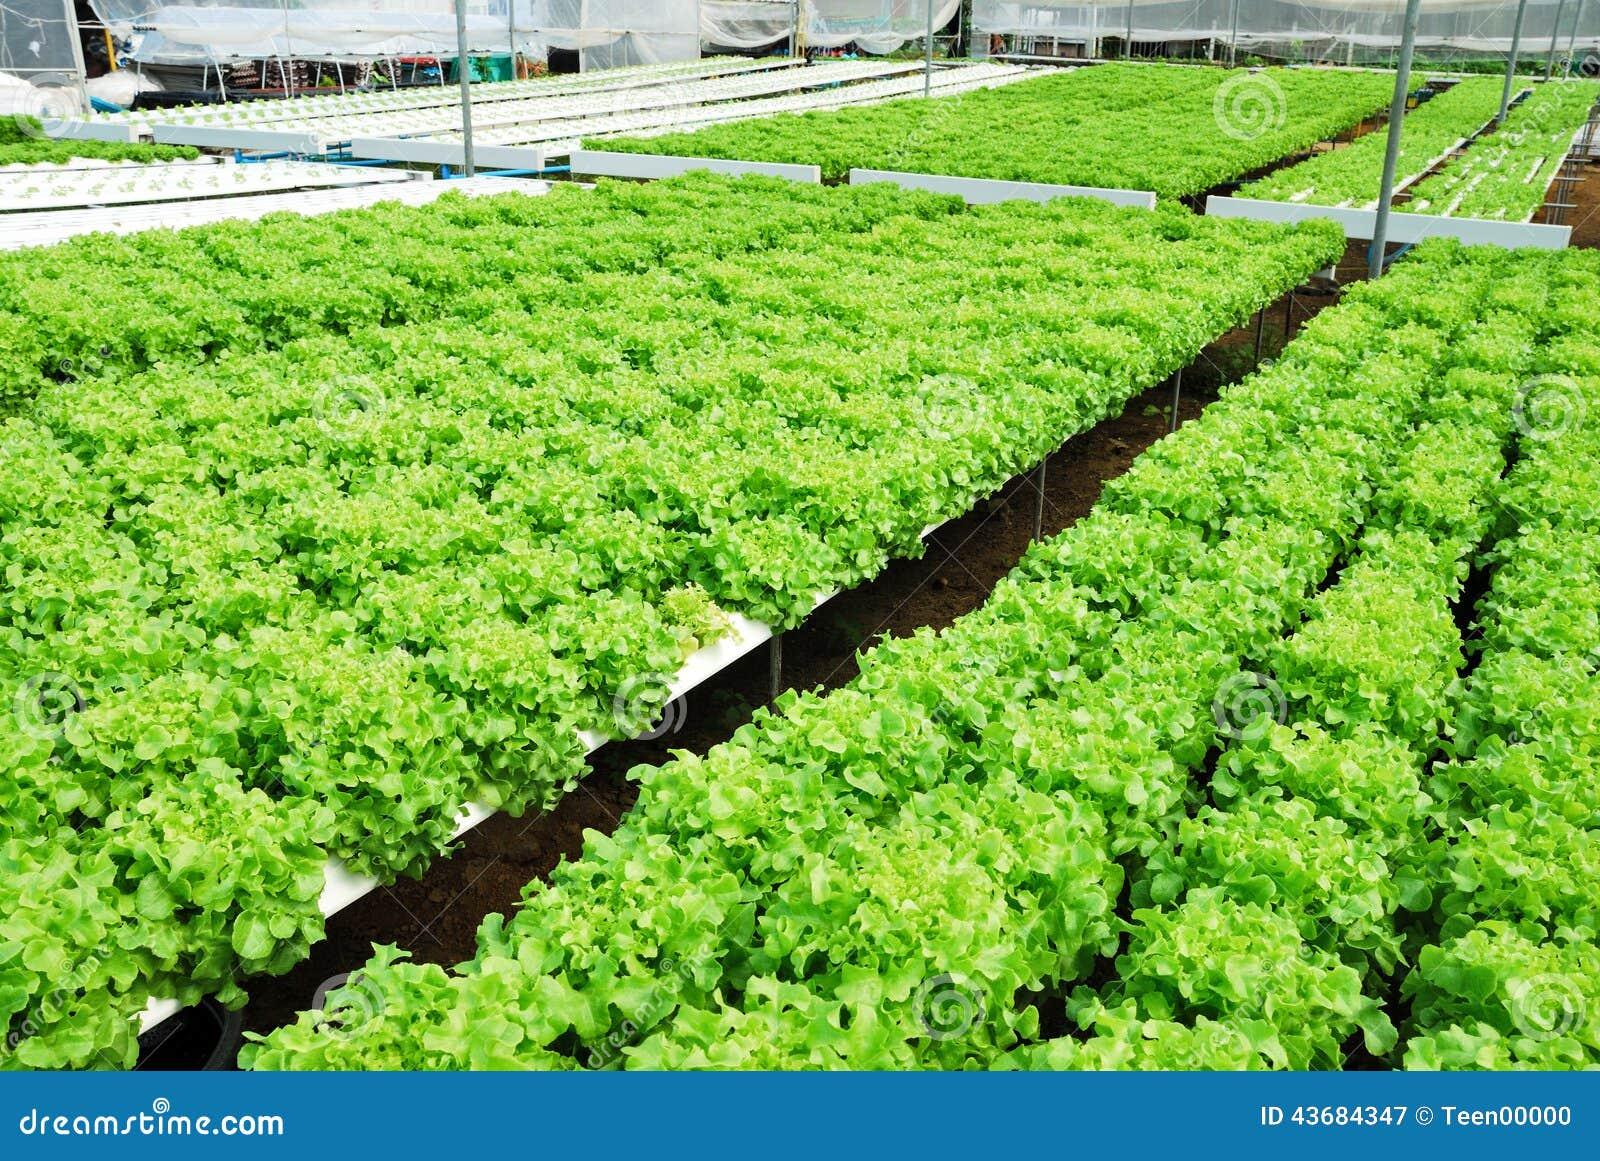 Red Oak Green Oak Cultivation Hydroponics Green